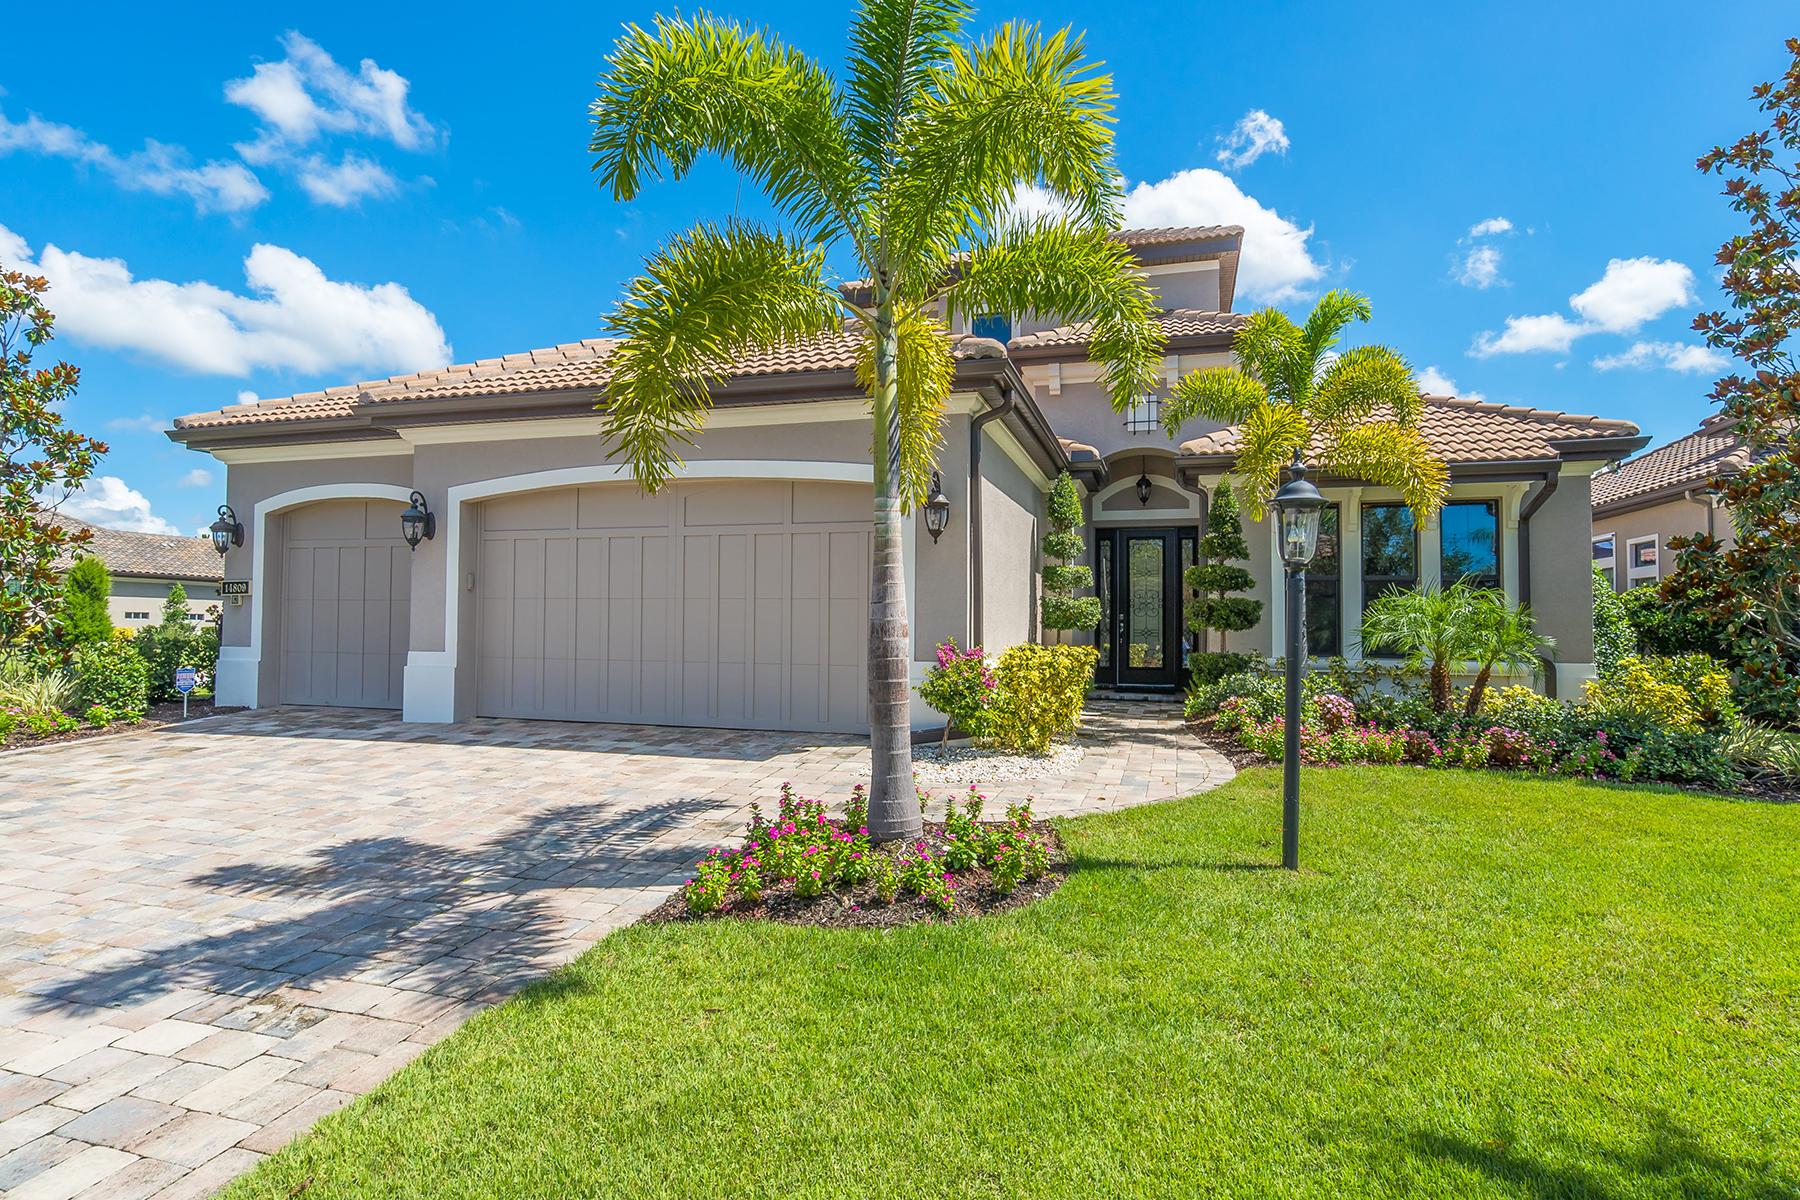 Tek Ailelik Ev için Satış at COUNTRY CLUB EAST 14809 Secret Harbor Pl Lakewood Ranch, Florida, 34202 Amerika Birleşik Devletleri